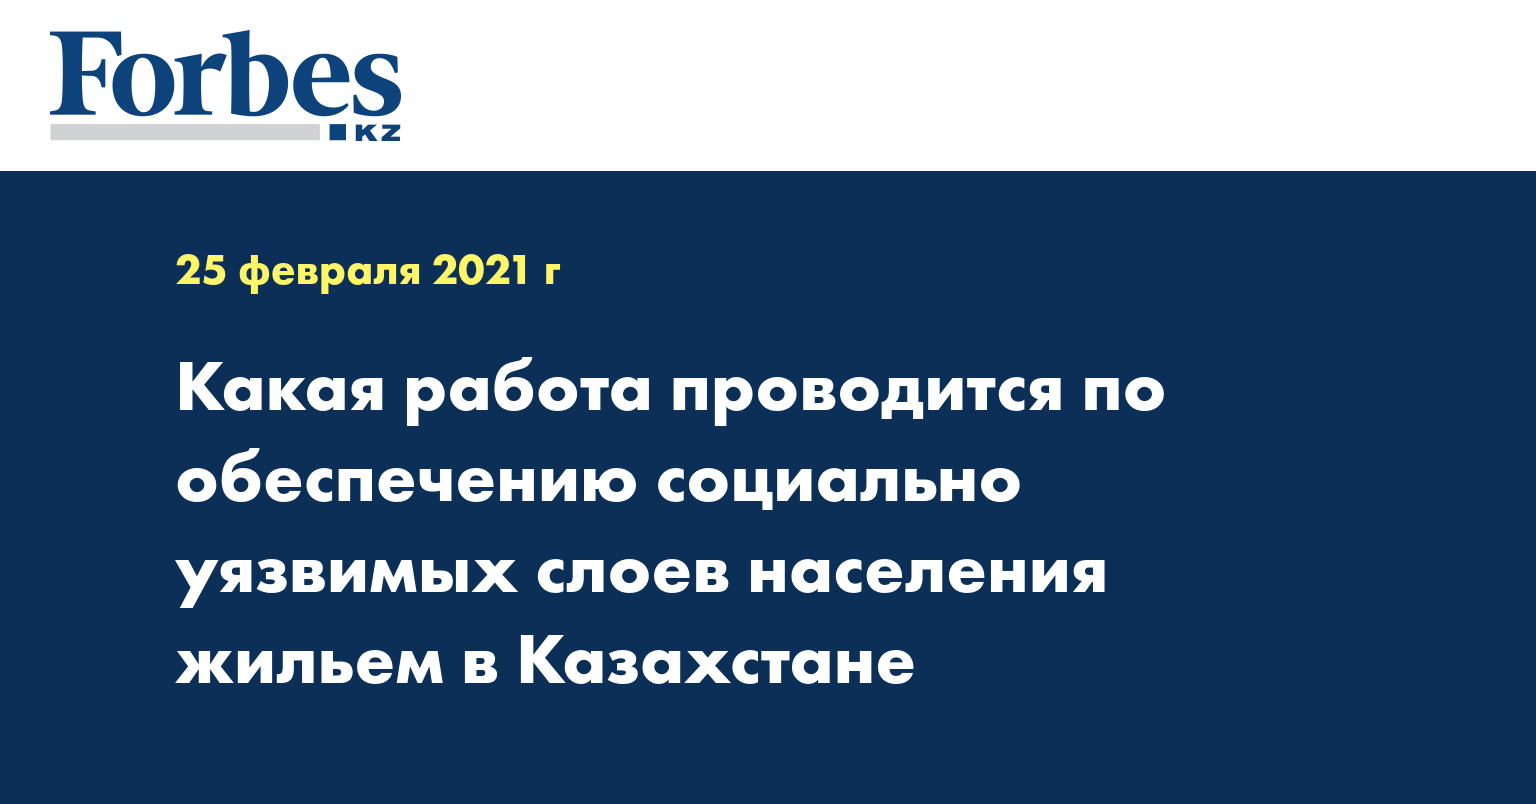 Какая работа проводится по обеспечению социально уязвимых слоев населения жильем в Казахстане